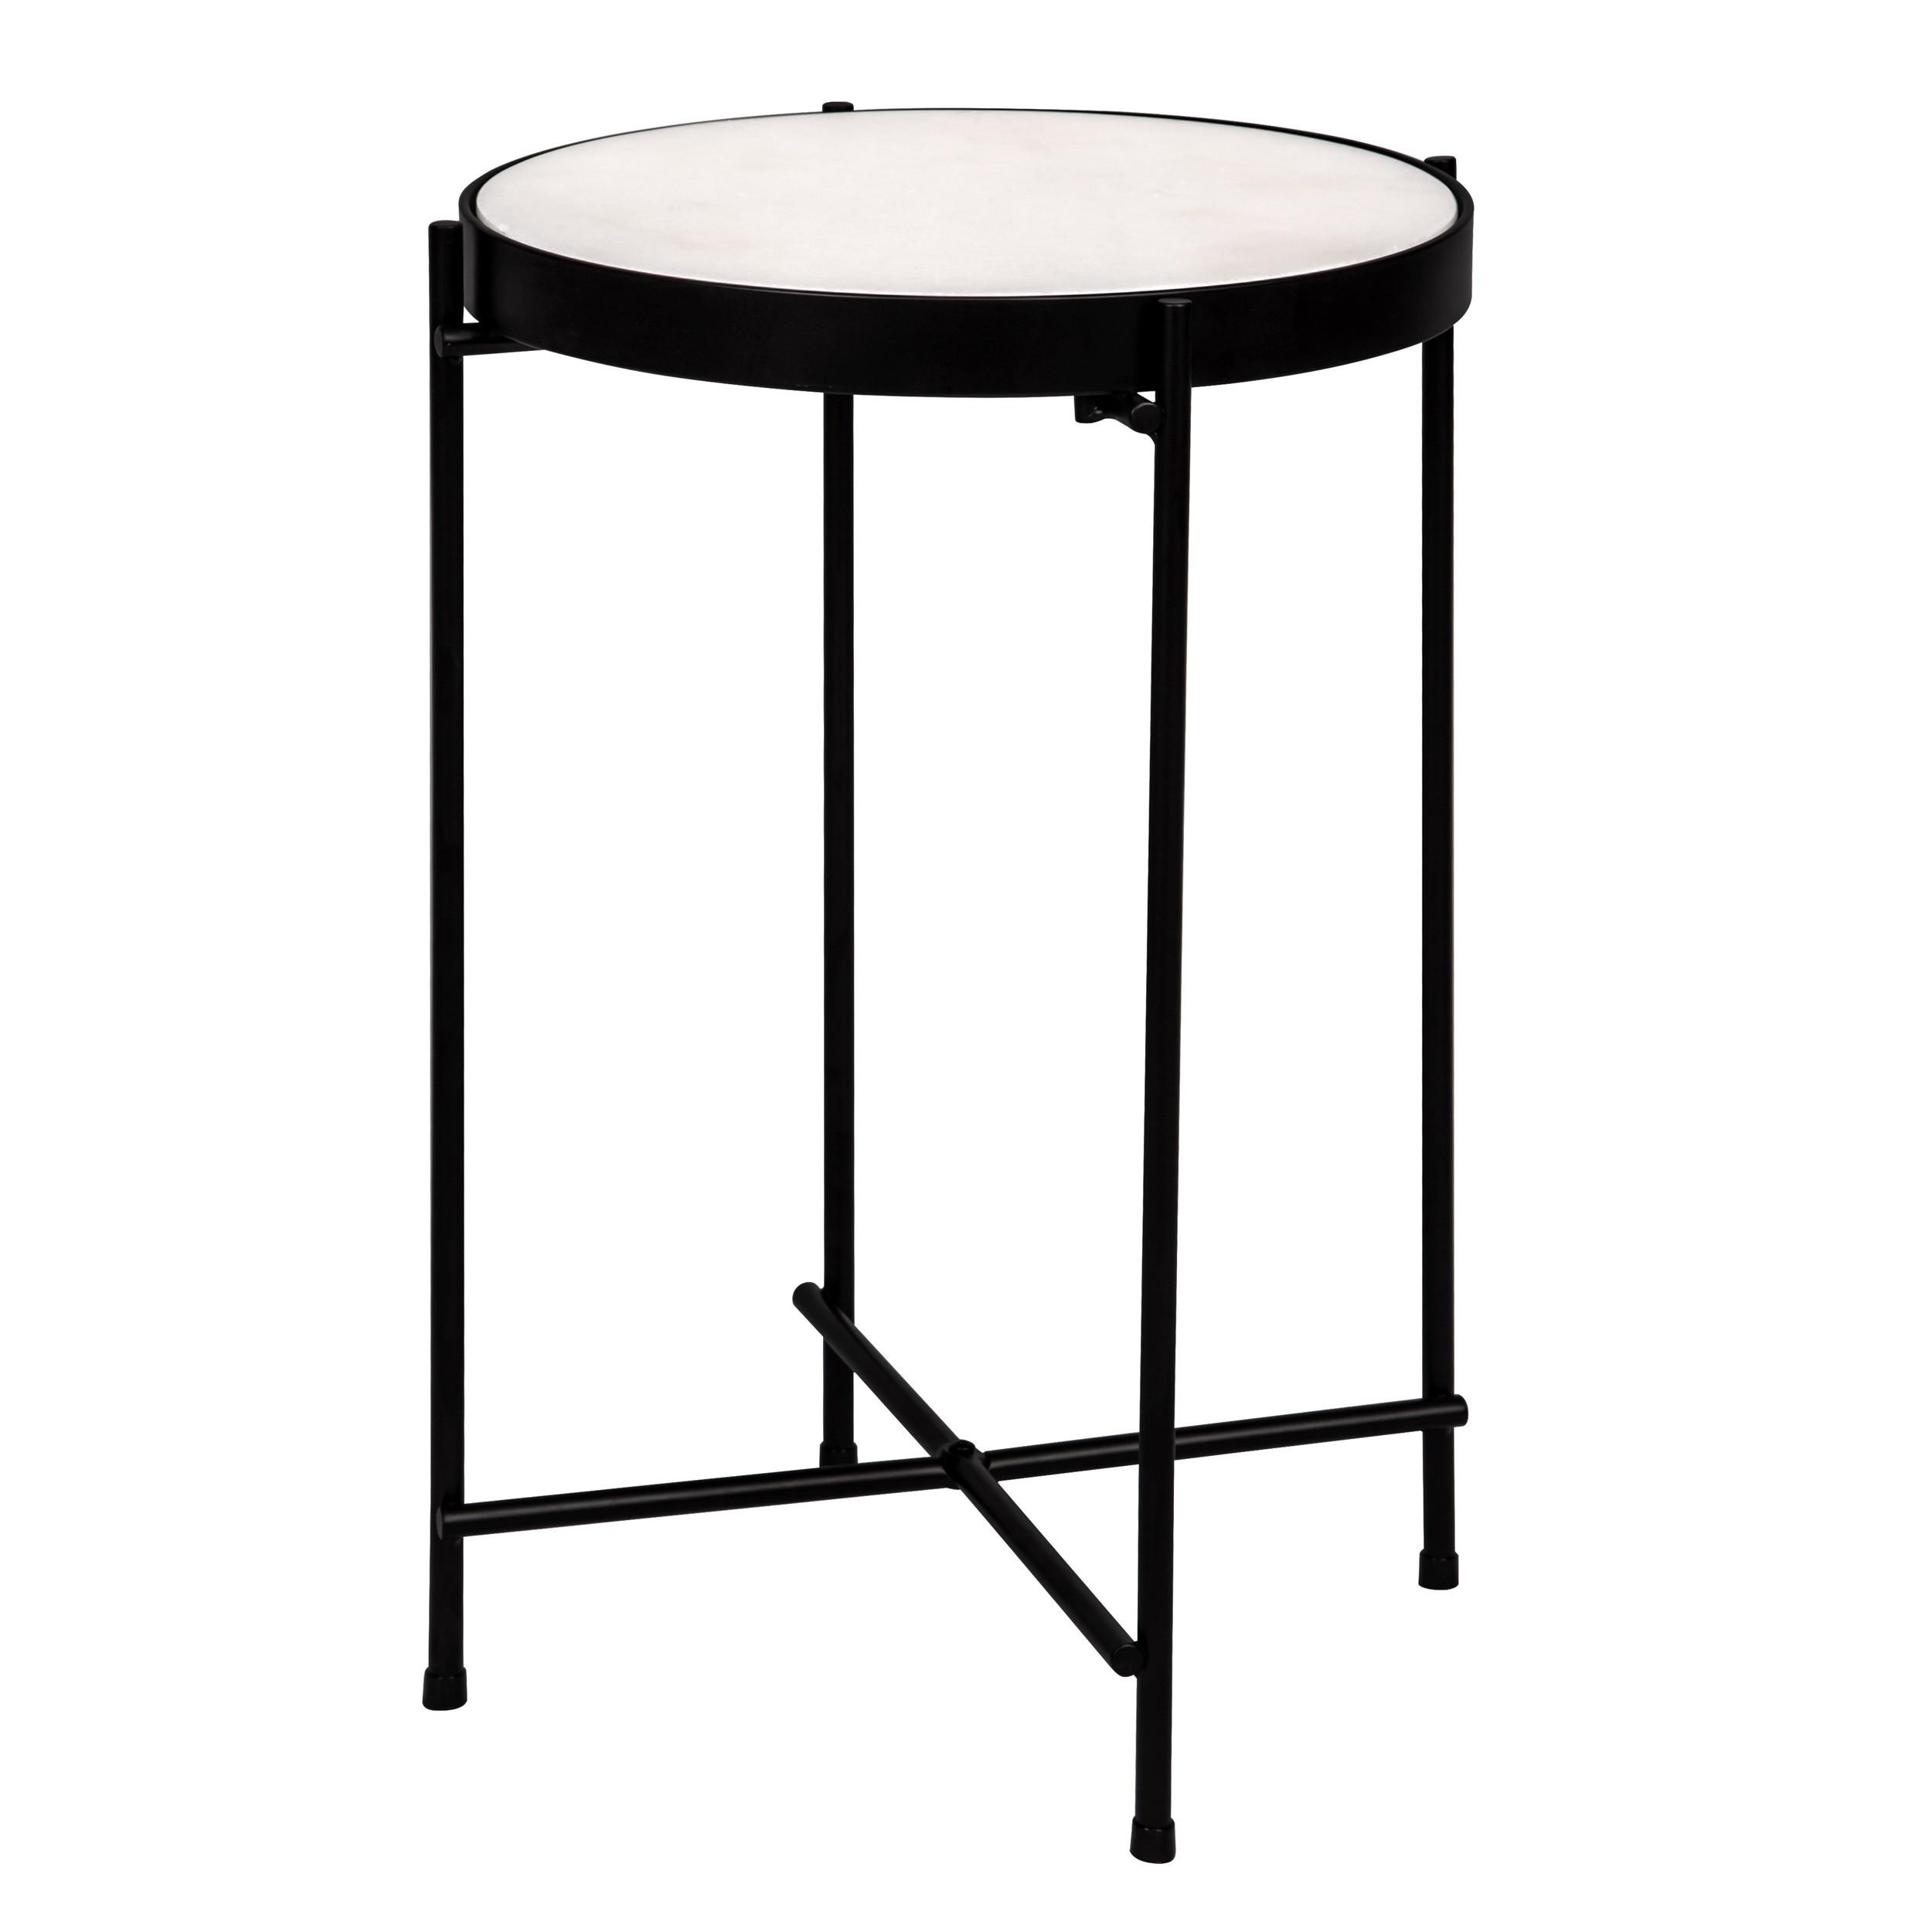 table basse ronde thilda slim marbre blanche d couvrez les tables basses rondes thilda slim. Black Bedroom Furniture Sets. Home Design Ideas